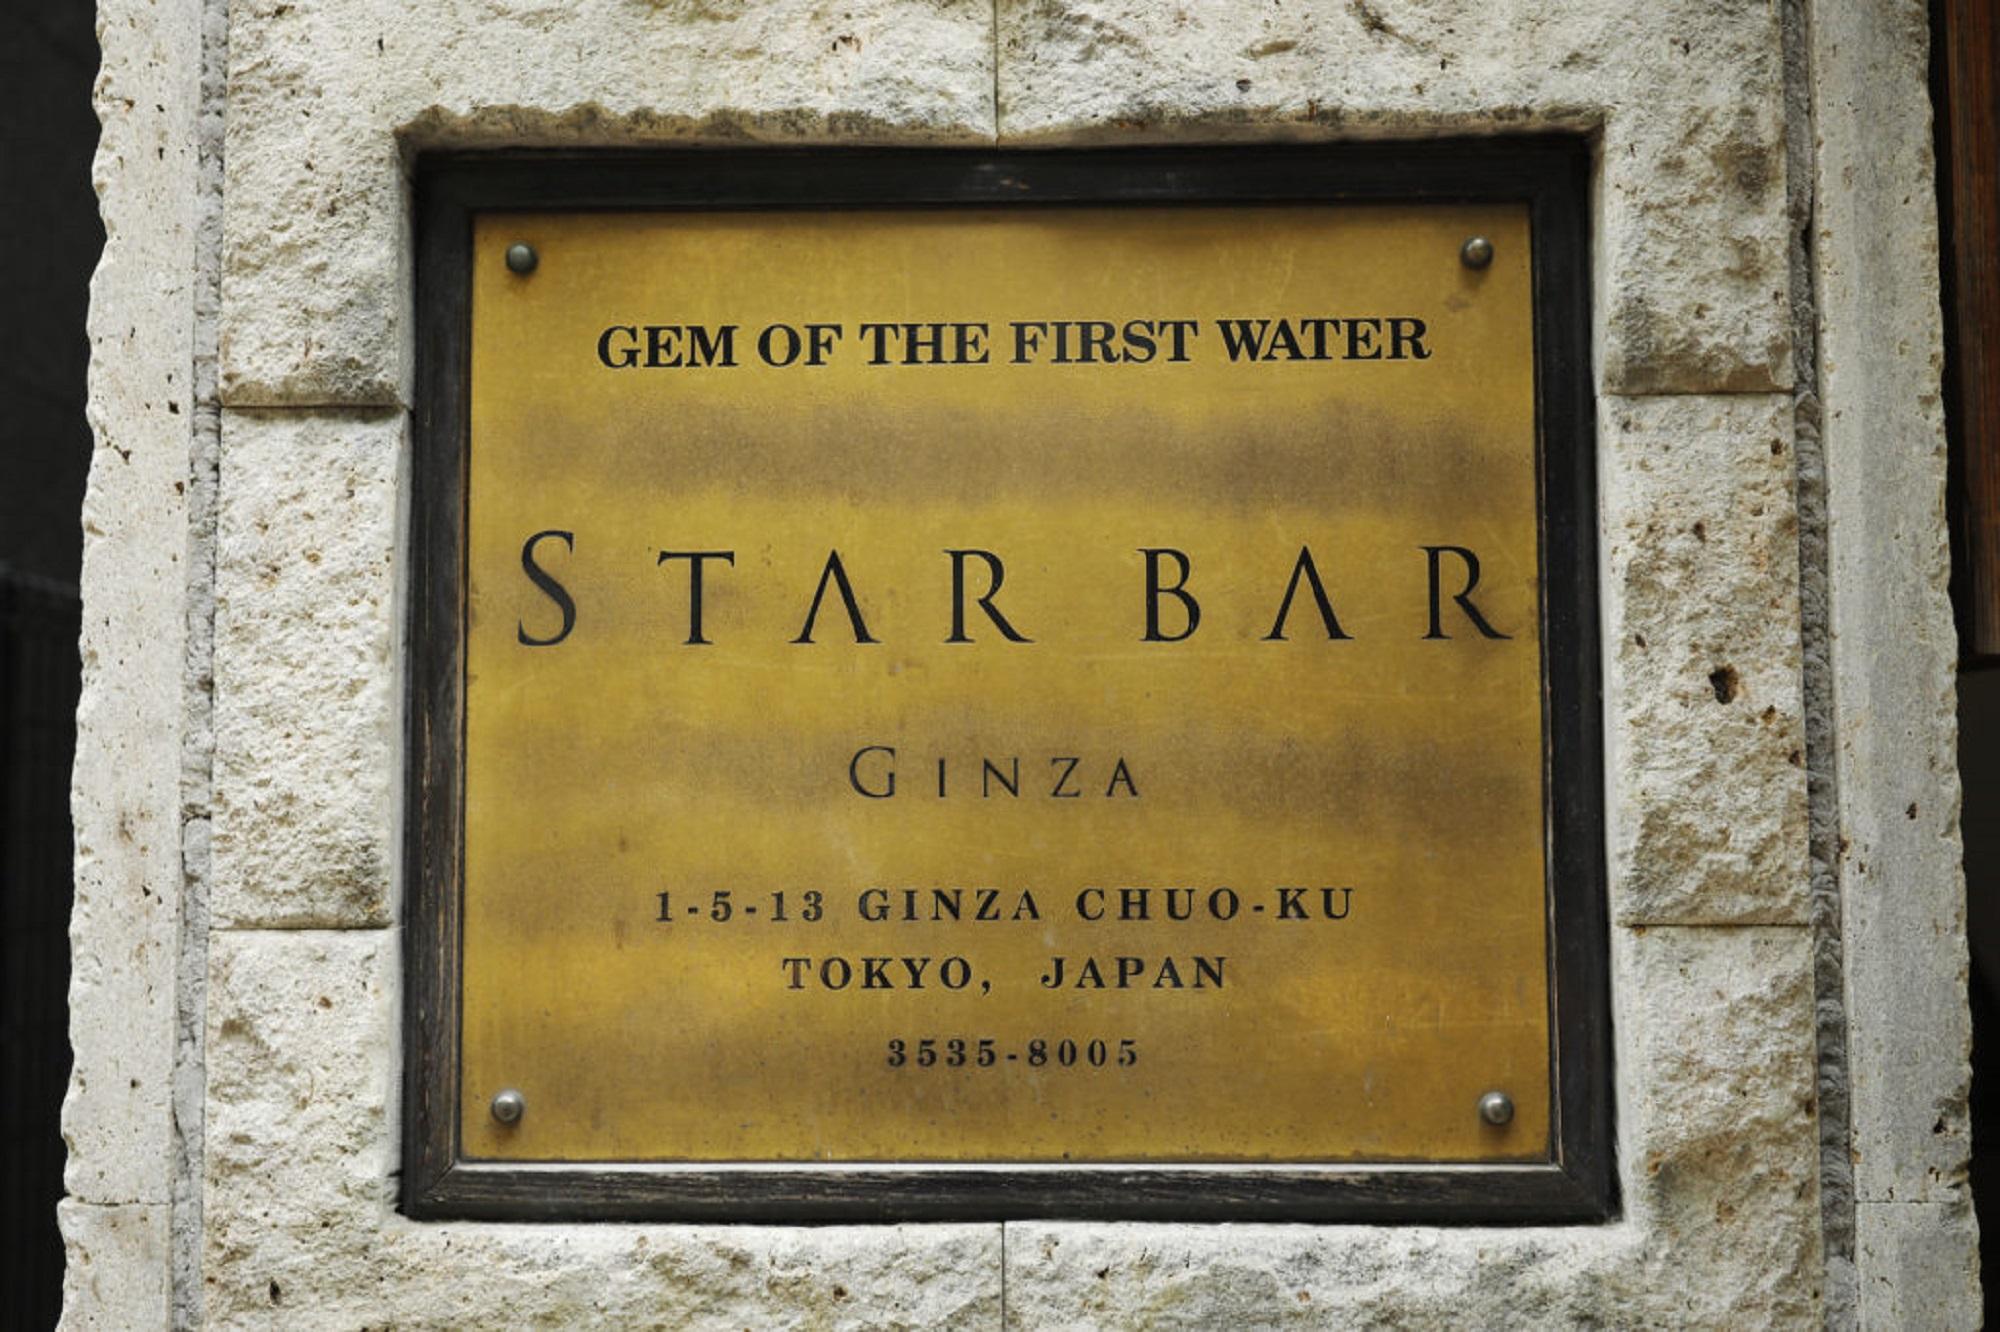 STAR BAR appearance